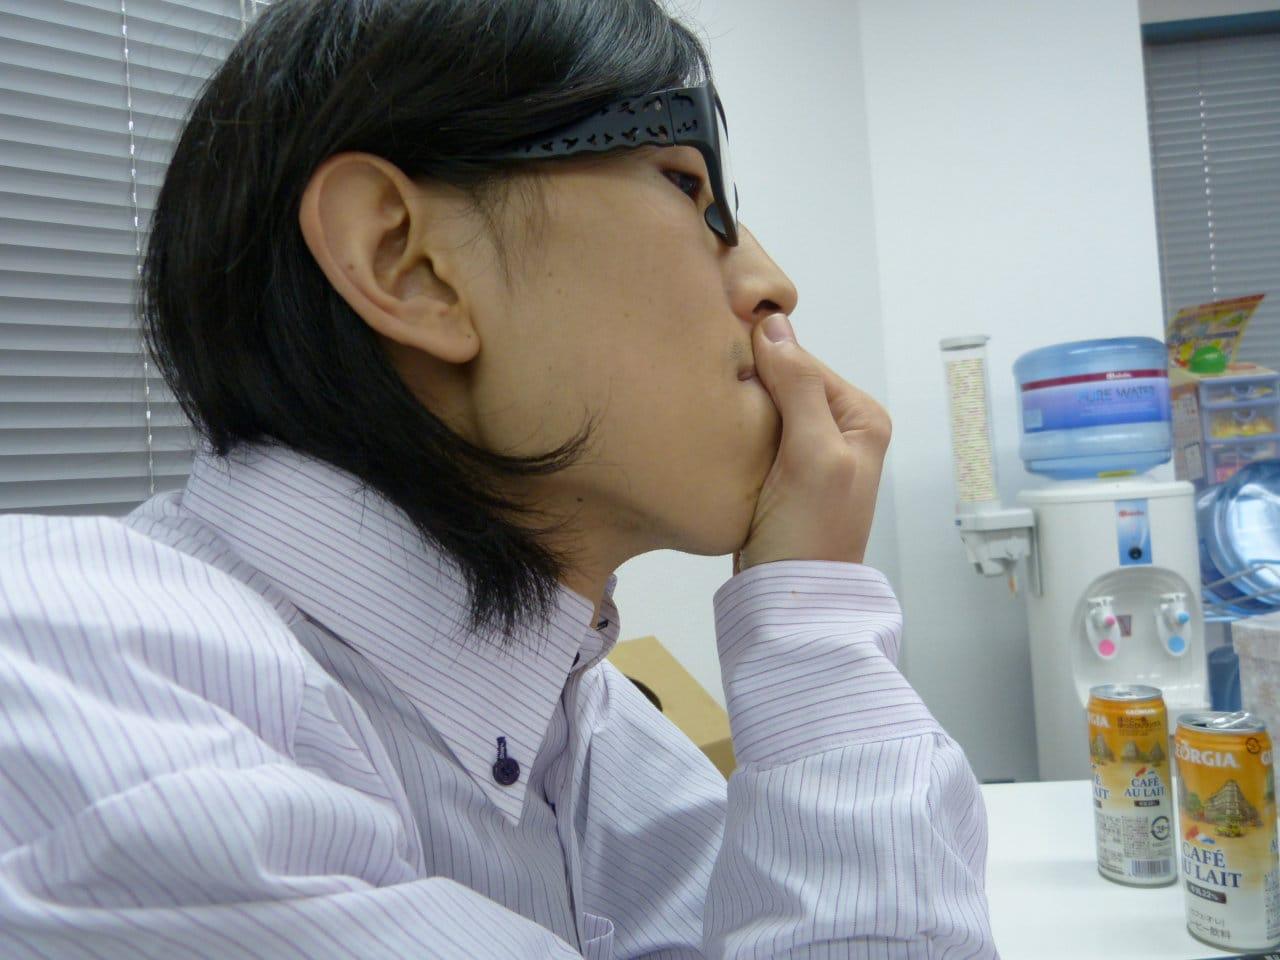 【極上の子供服を探し求めて】非モテ系男子Shinnojiの初恋物語